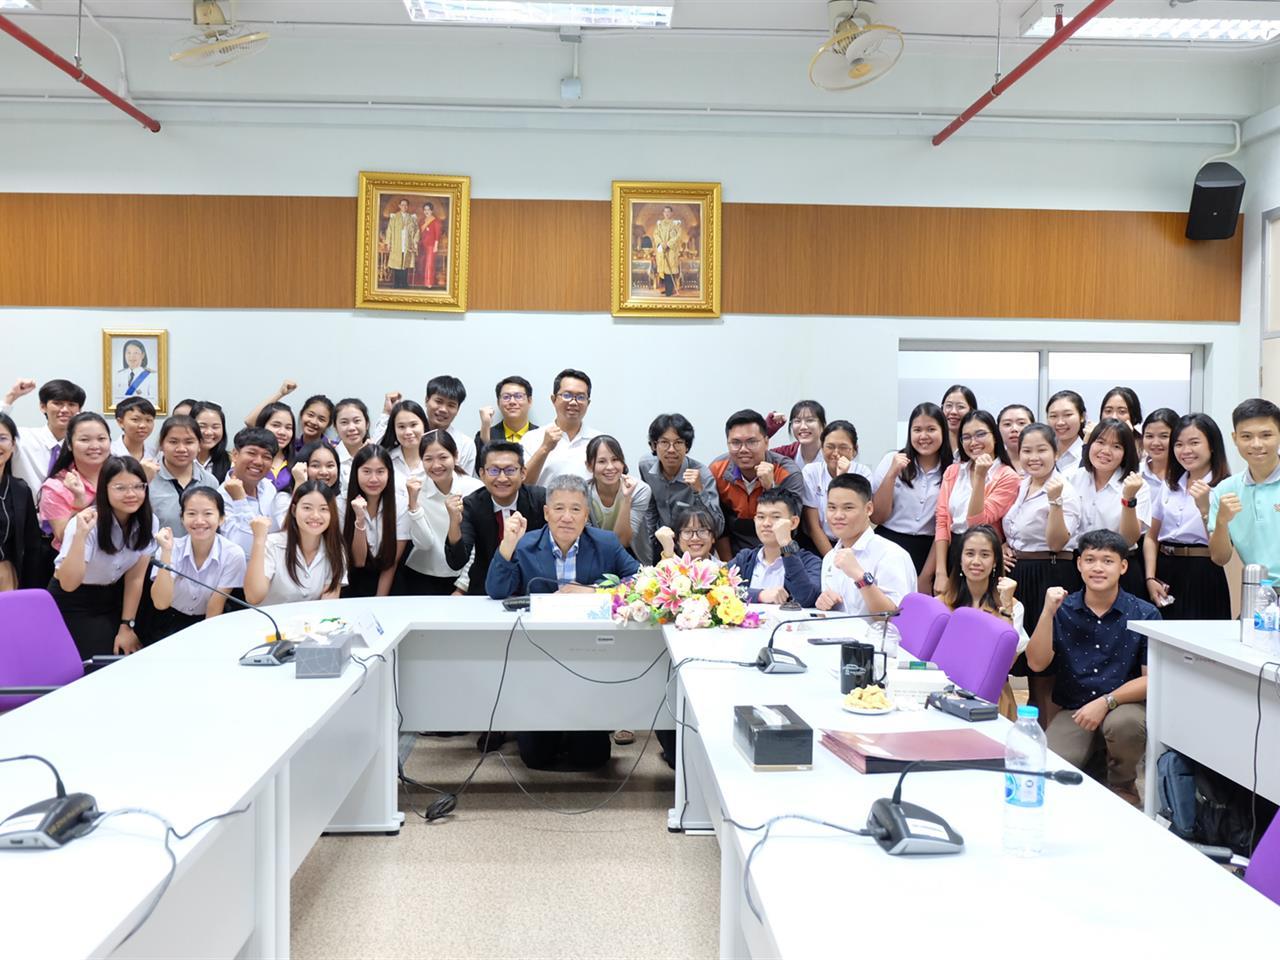 คณะวิทยาศาสตร์ ได้จัดโครงการ Visiting Professor/Researcher ชาวต่างชาติ